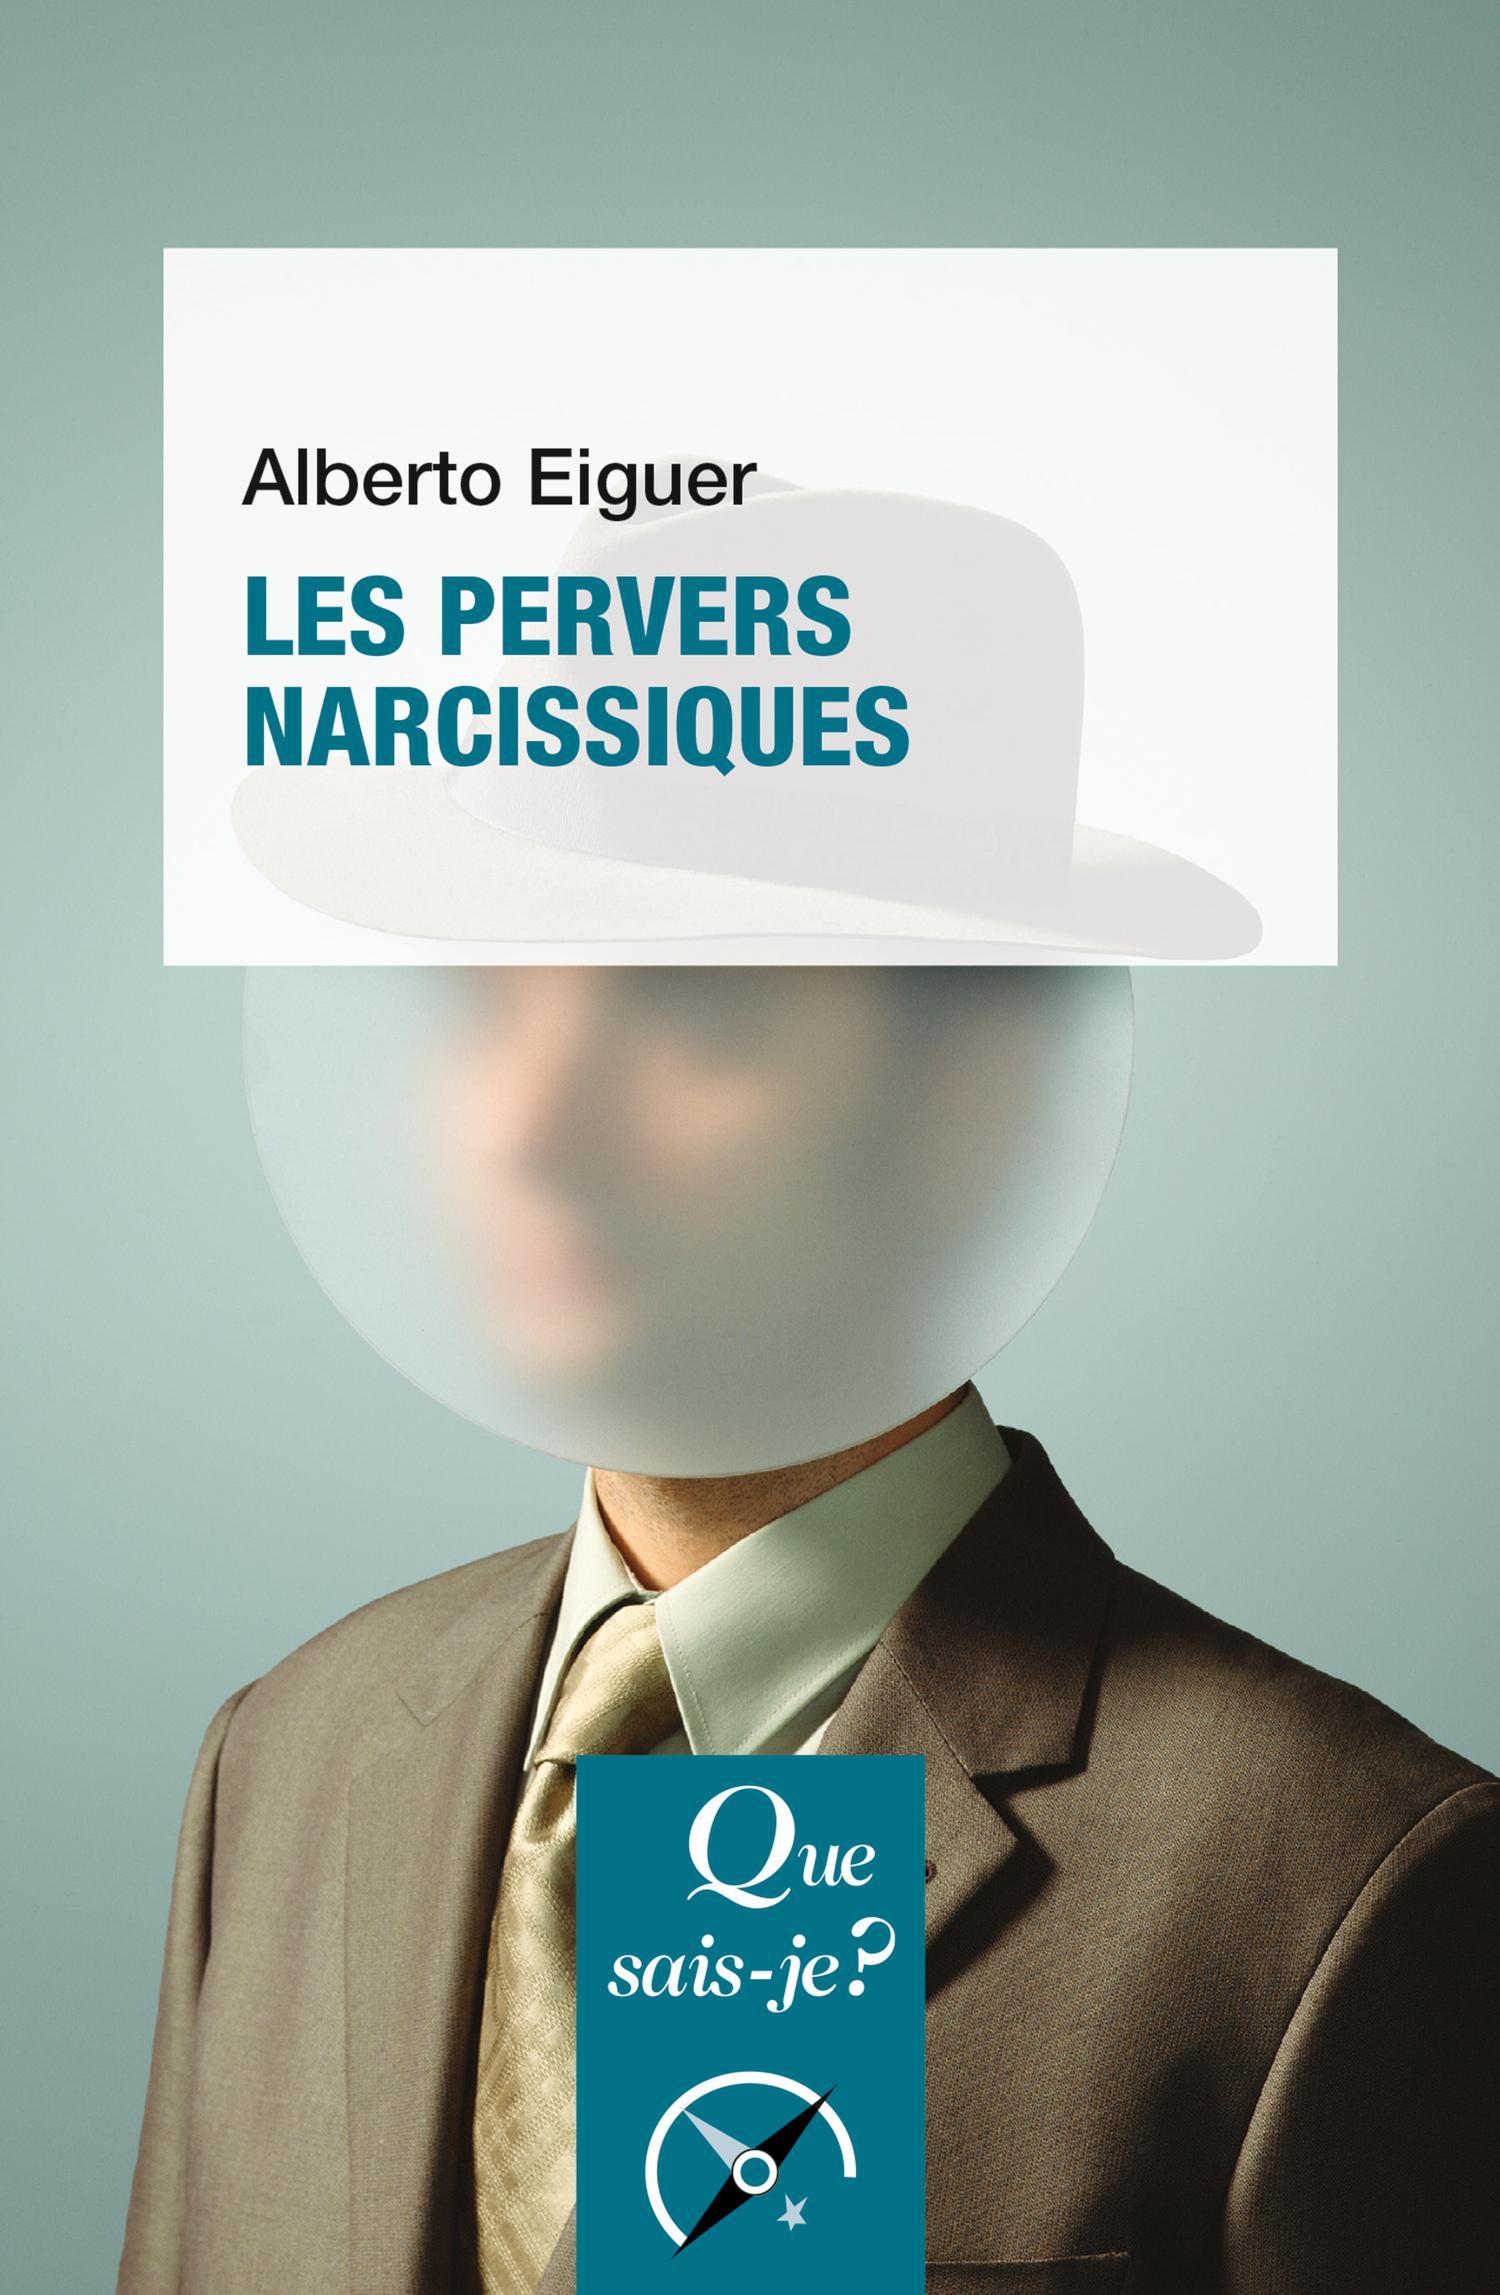 signes de datation narcissique